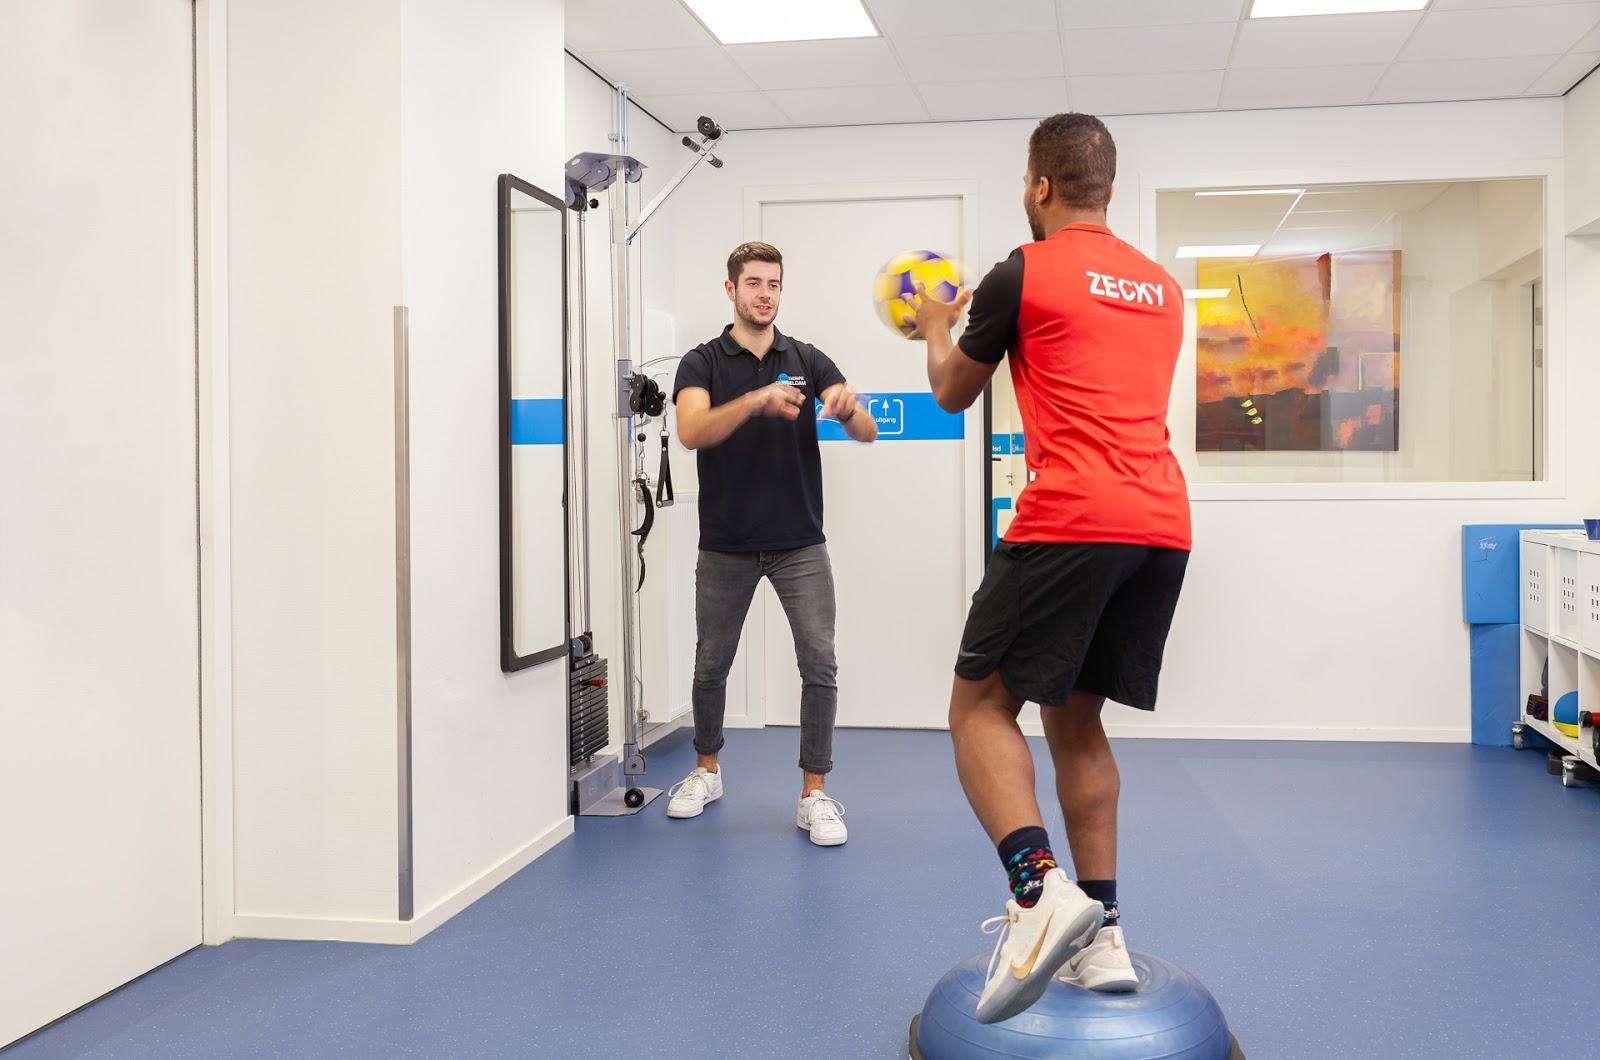 Hoeveel beweging heeft u nodig om gezond te blijven?